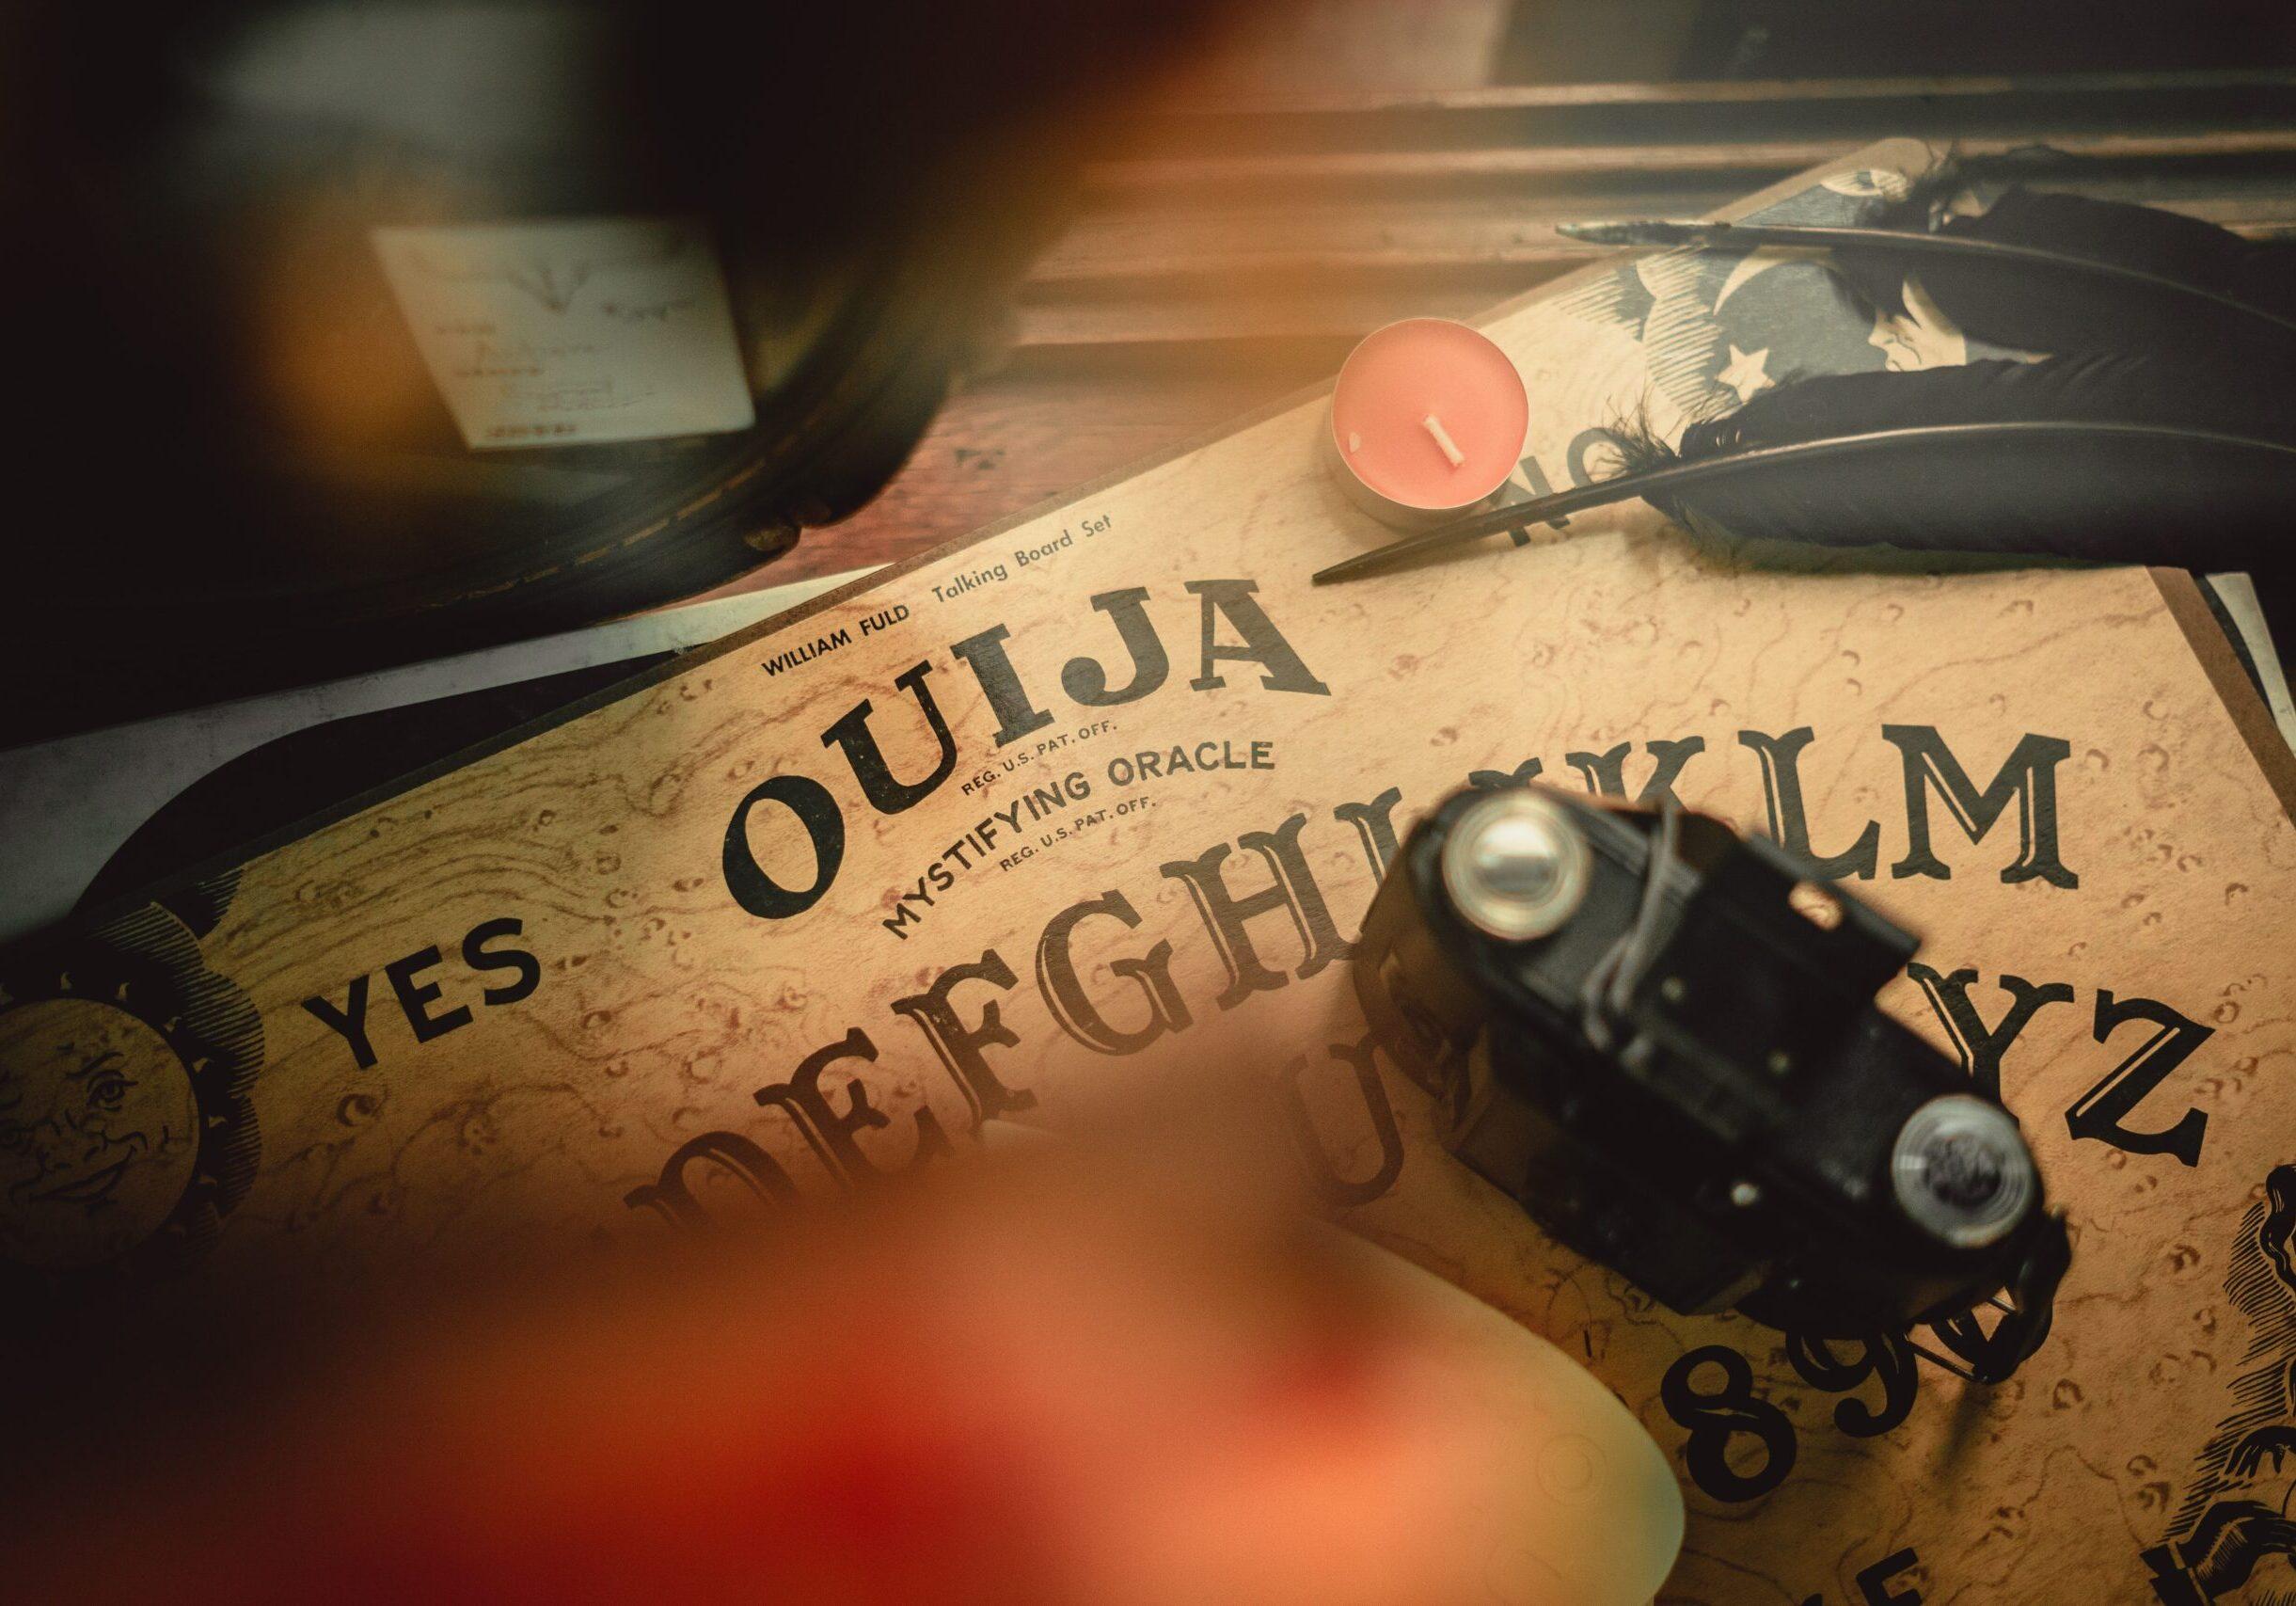 OuijaBoard_JoshOlalde